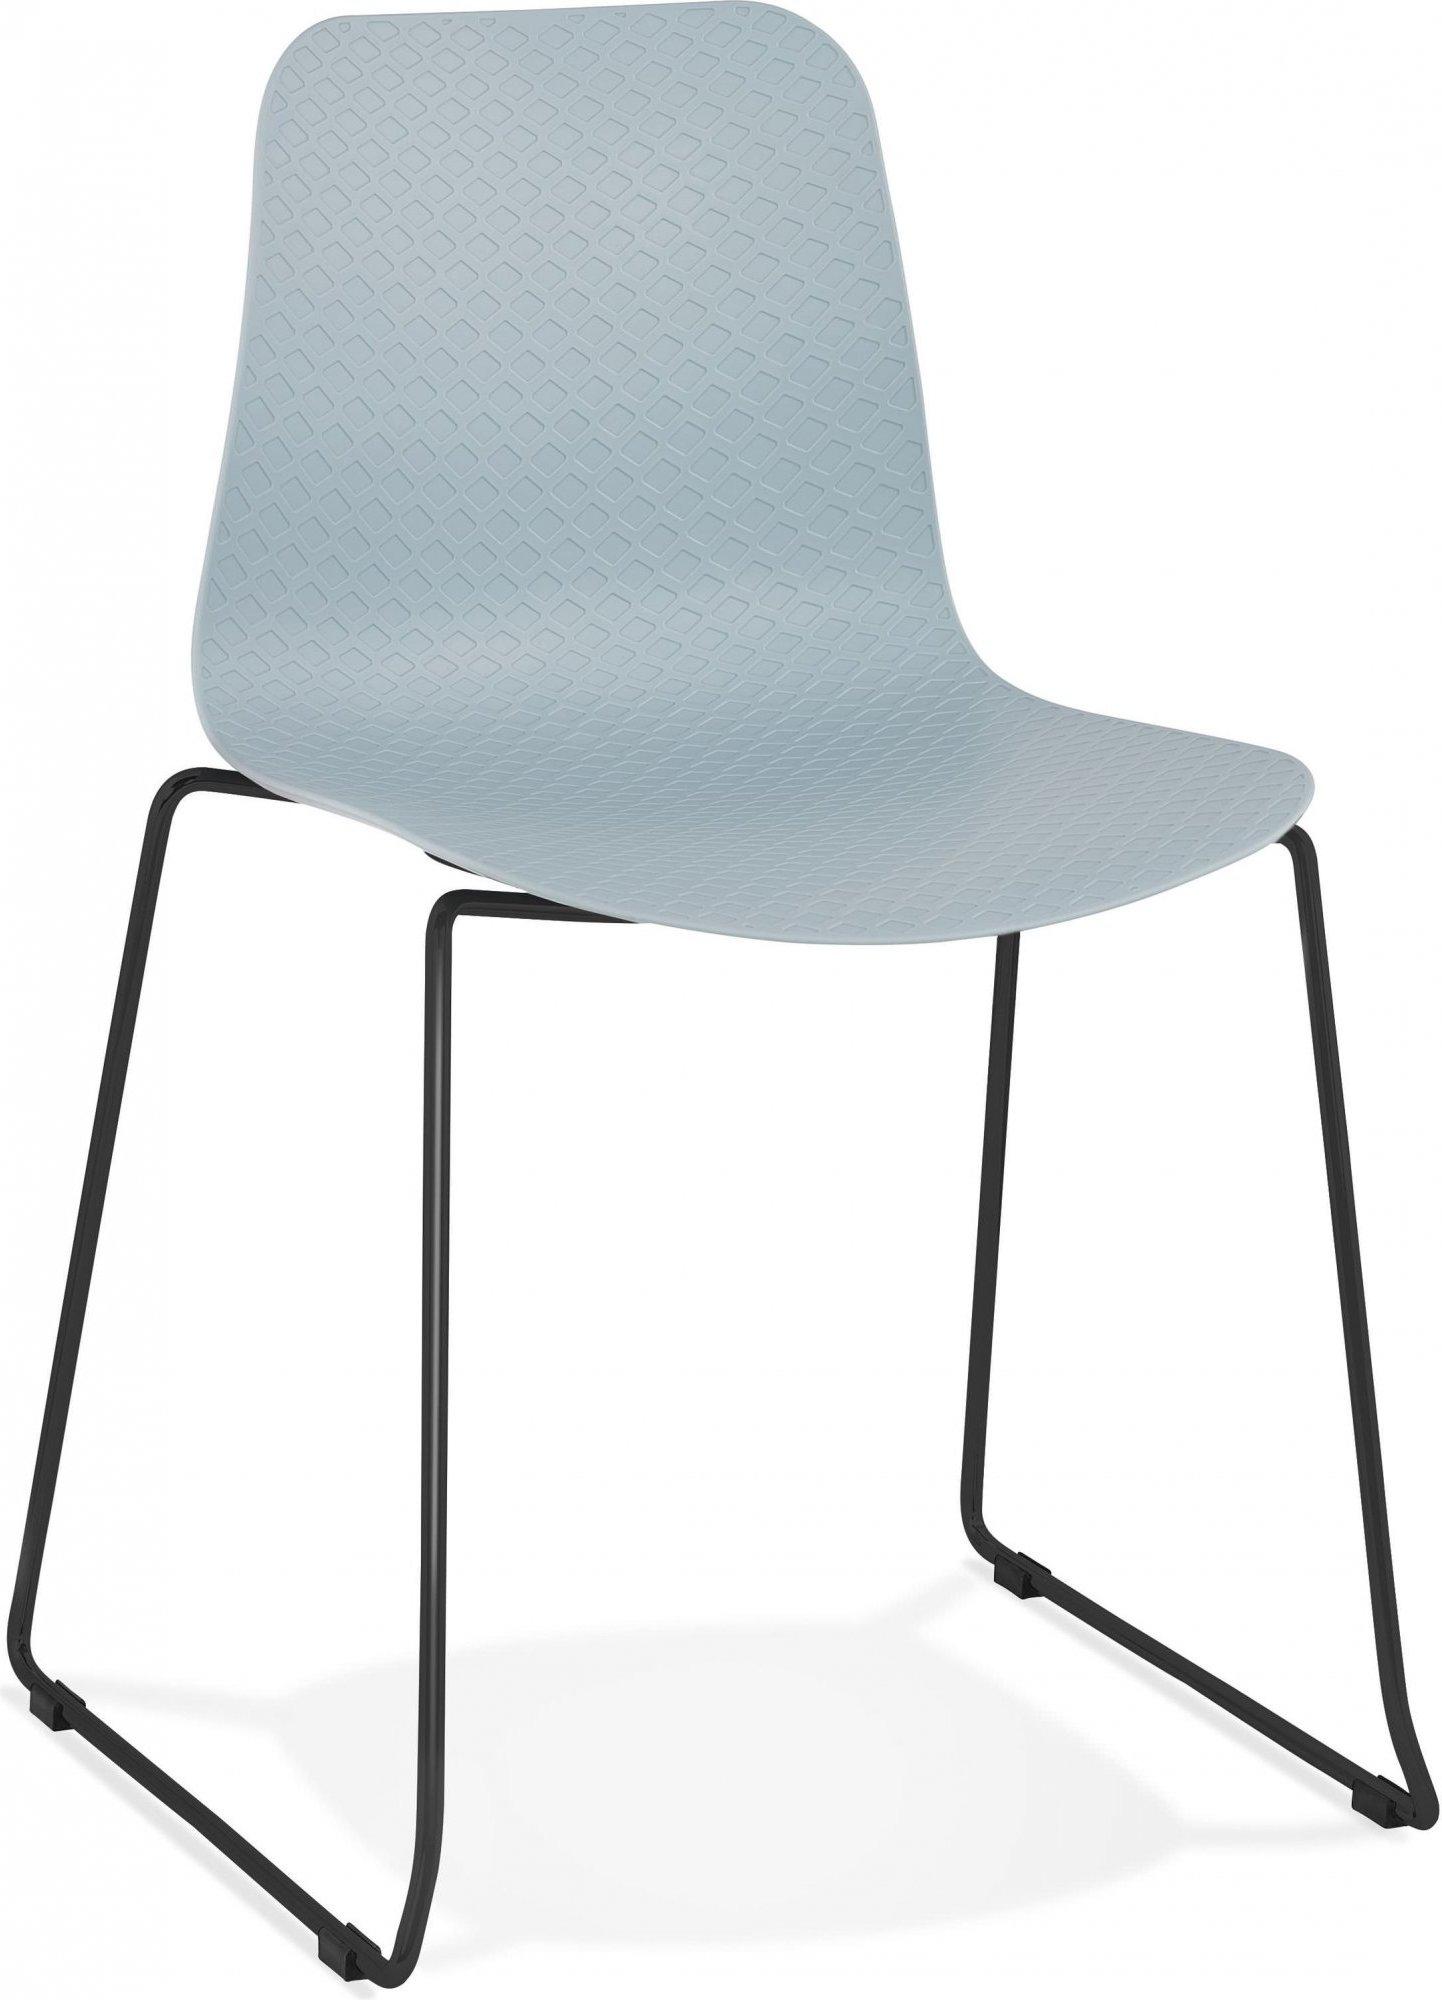 Chaise de table design assise couleur bleu pietement noir